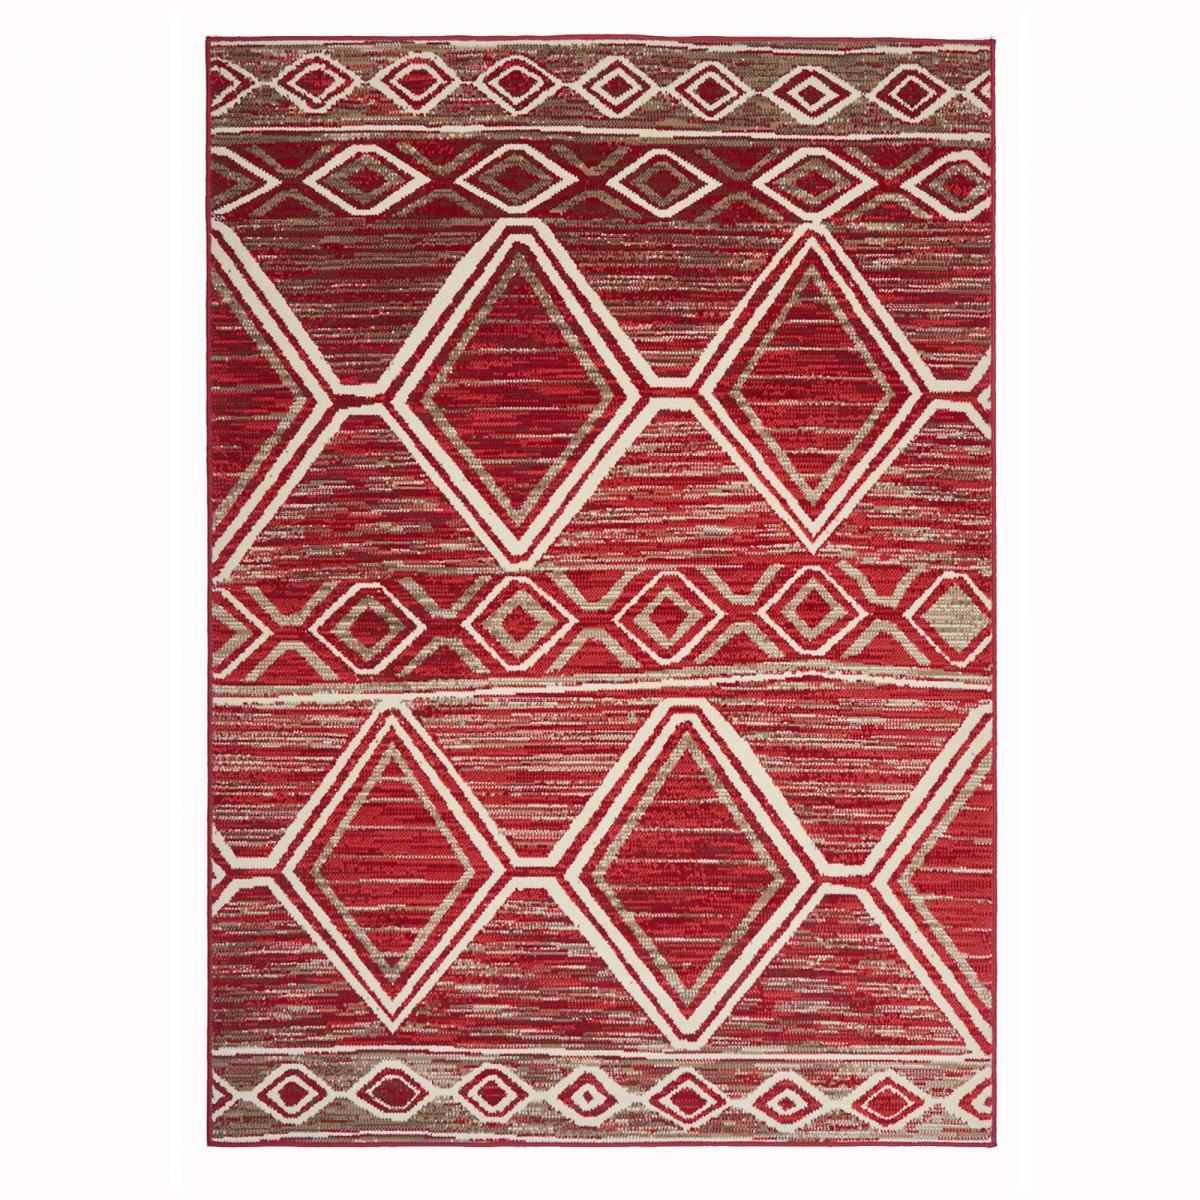 Tapis berbère style en polypropylène rouge 200x290